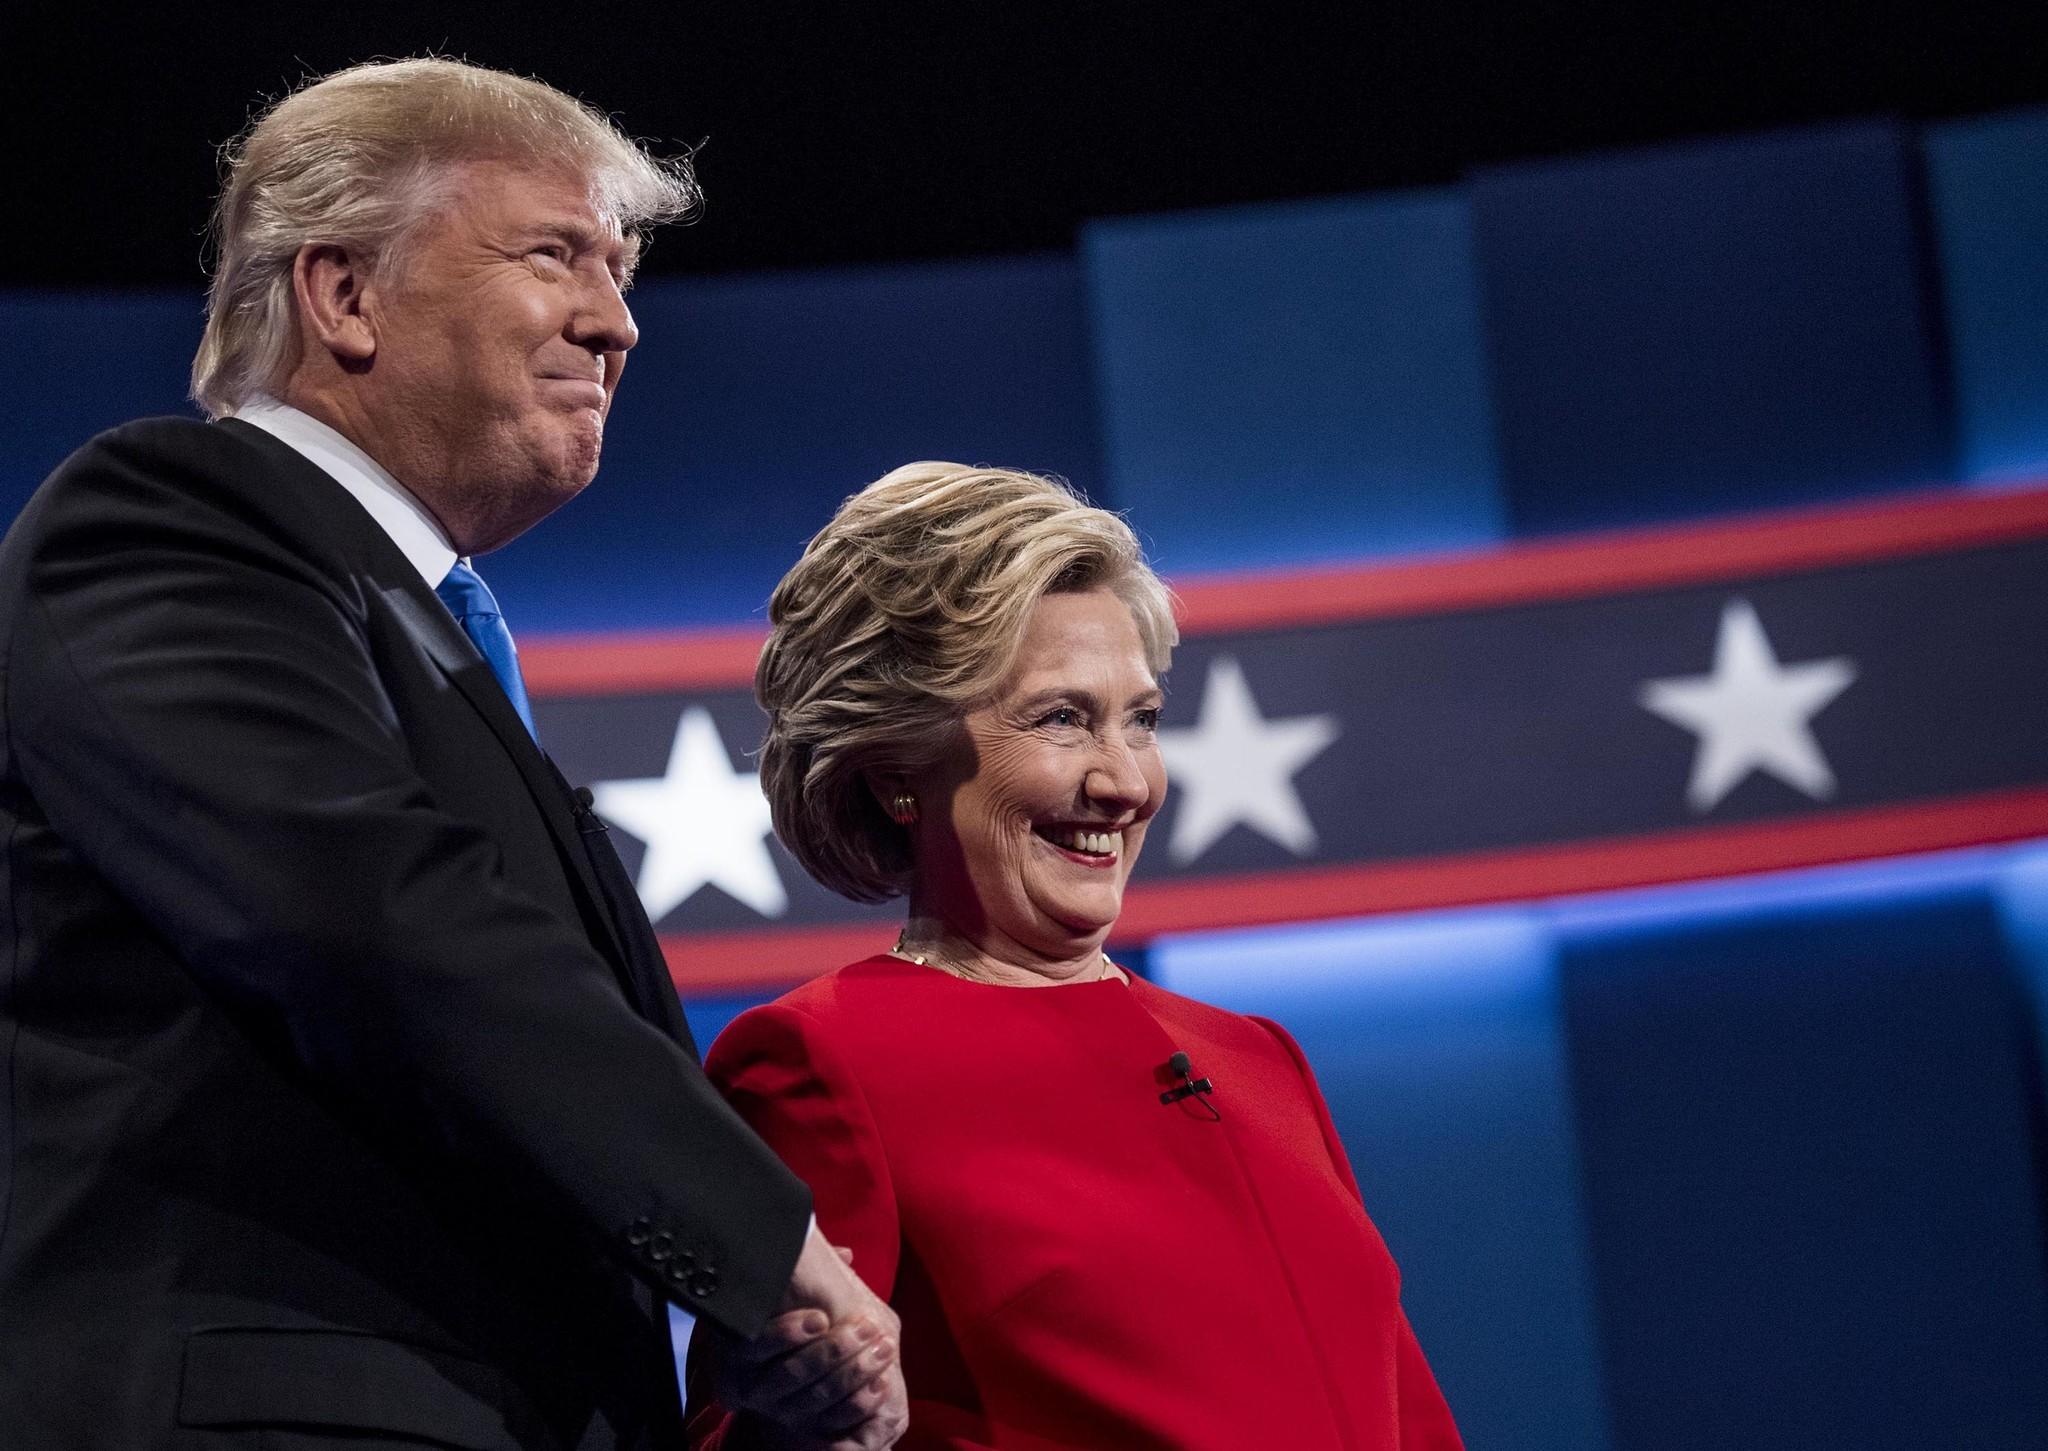 如果败选会做什么?特朗普的回答吓坏美国人 - 纽约文摘 - 纽约文摘